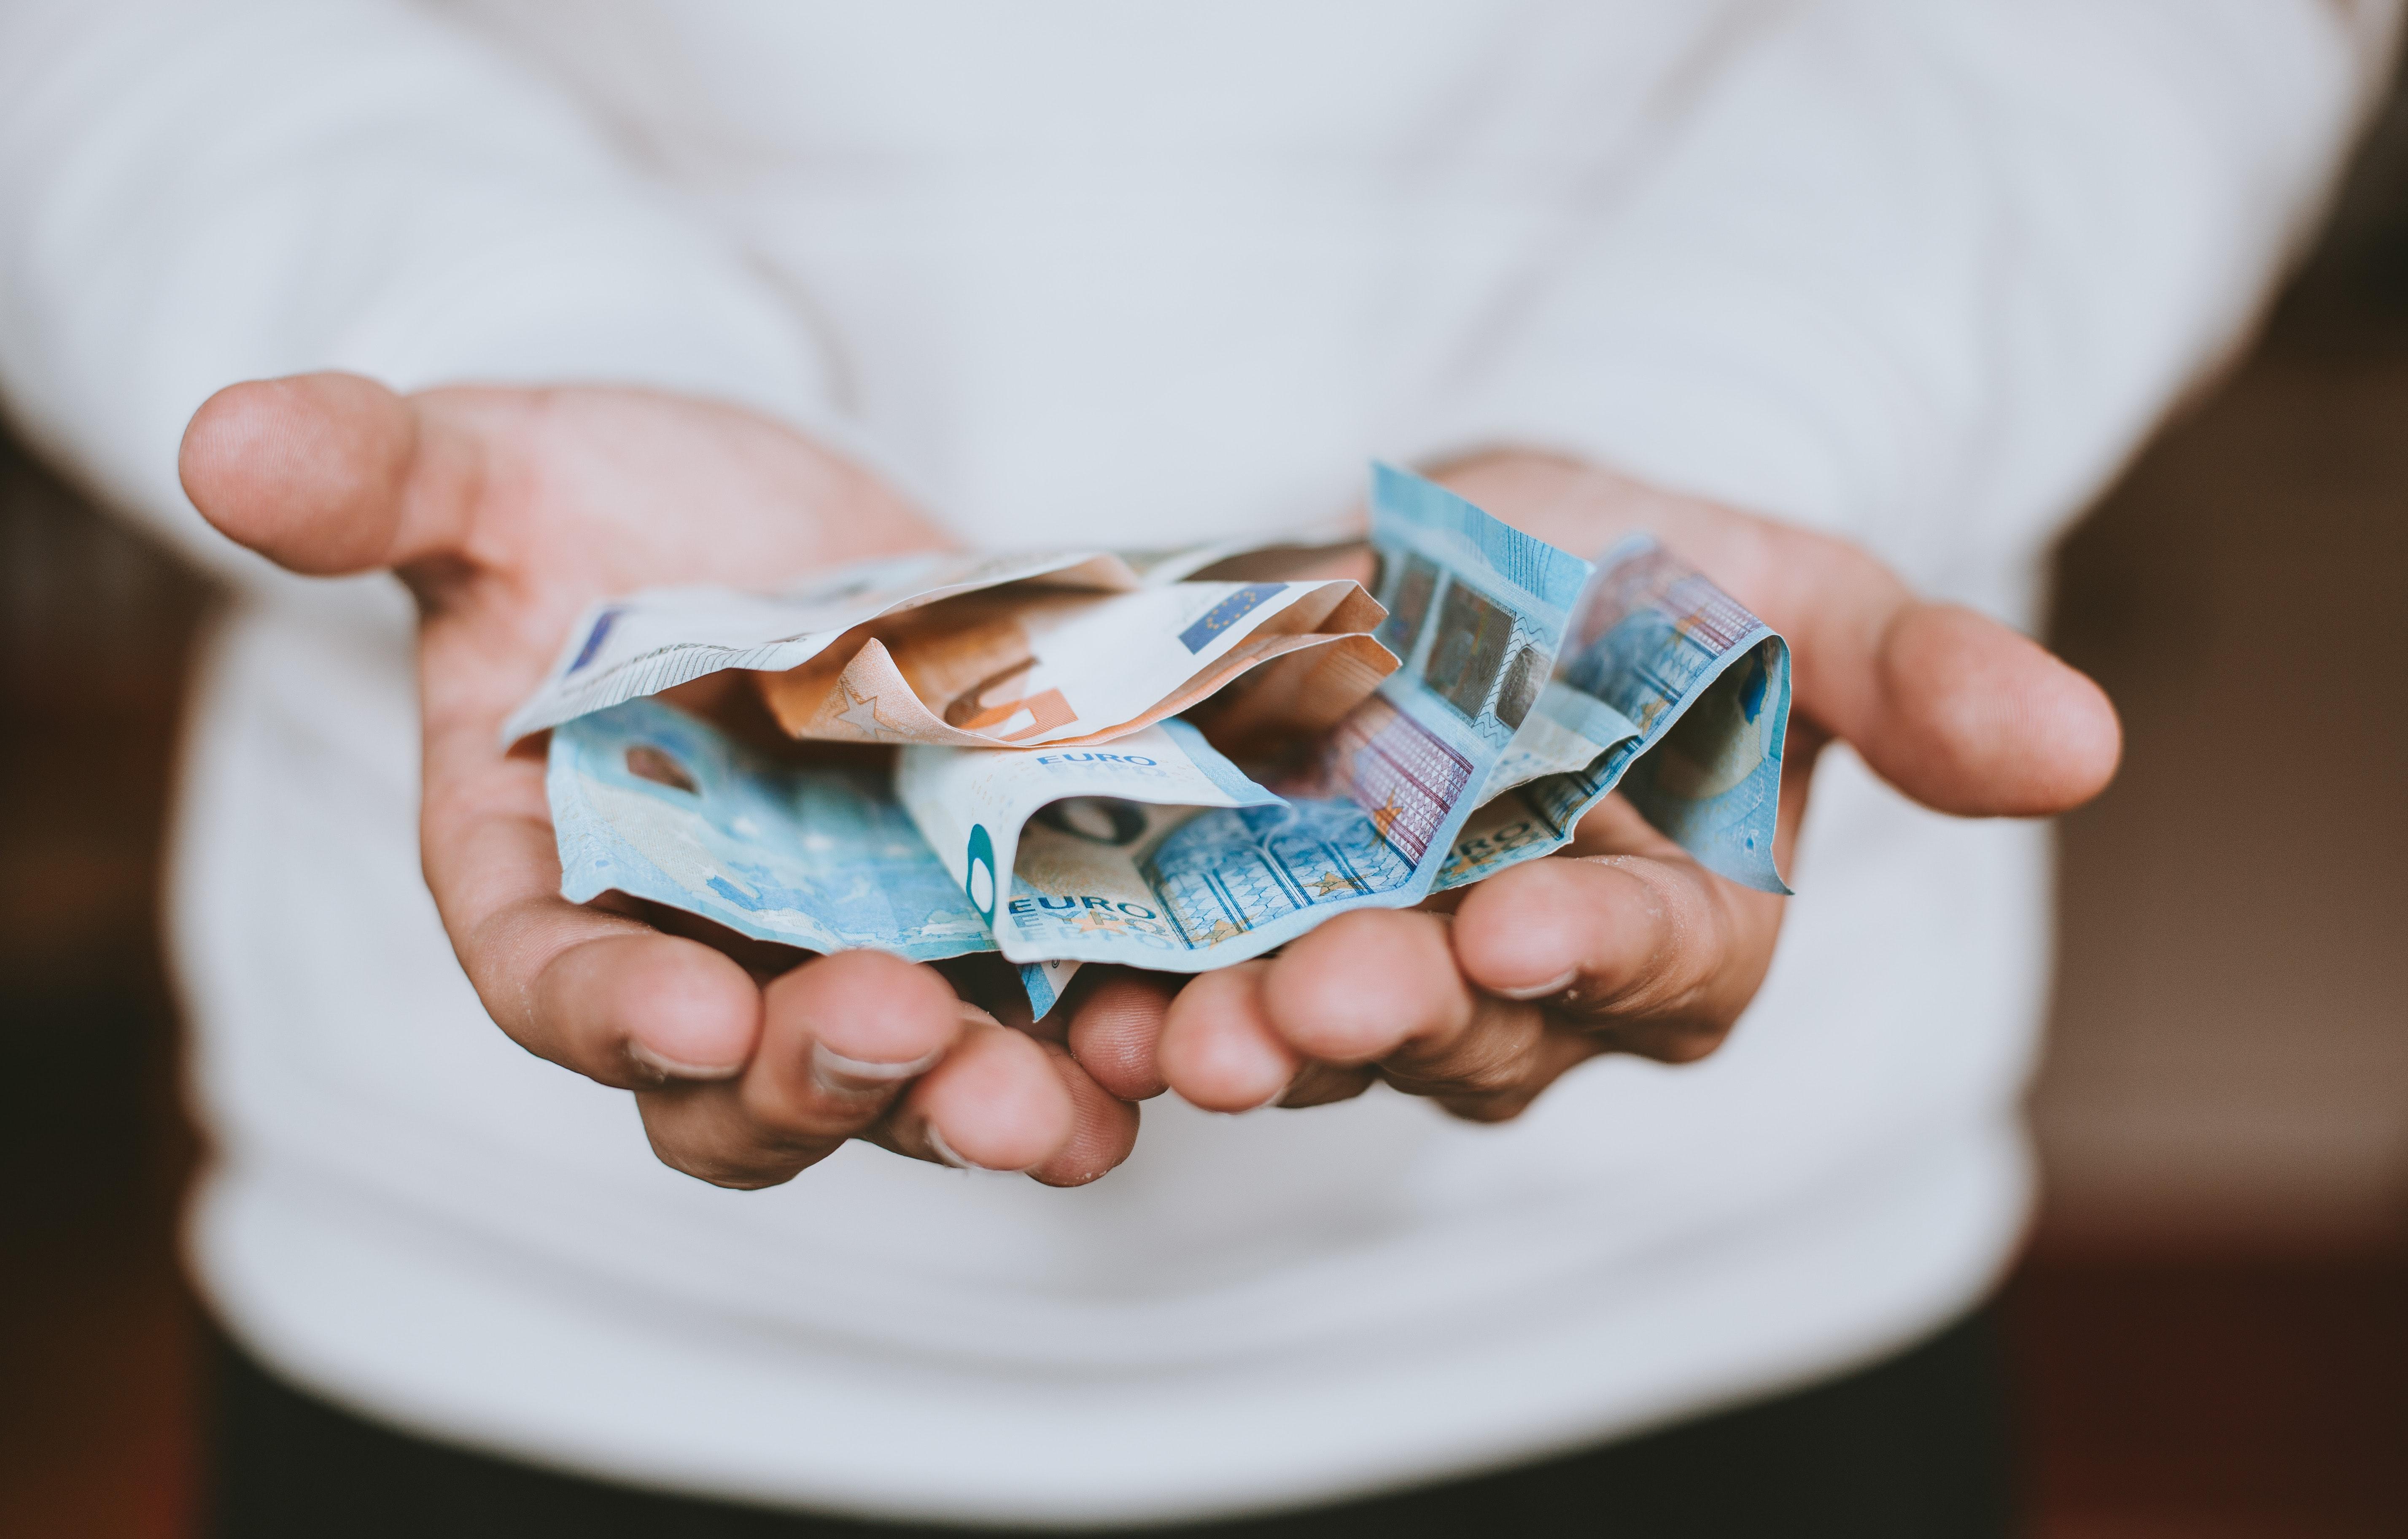 Comment faire de l'argent sur internet ? 7 façons possible 1